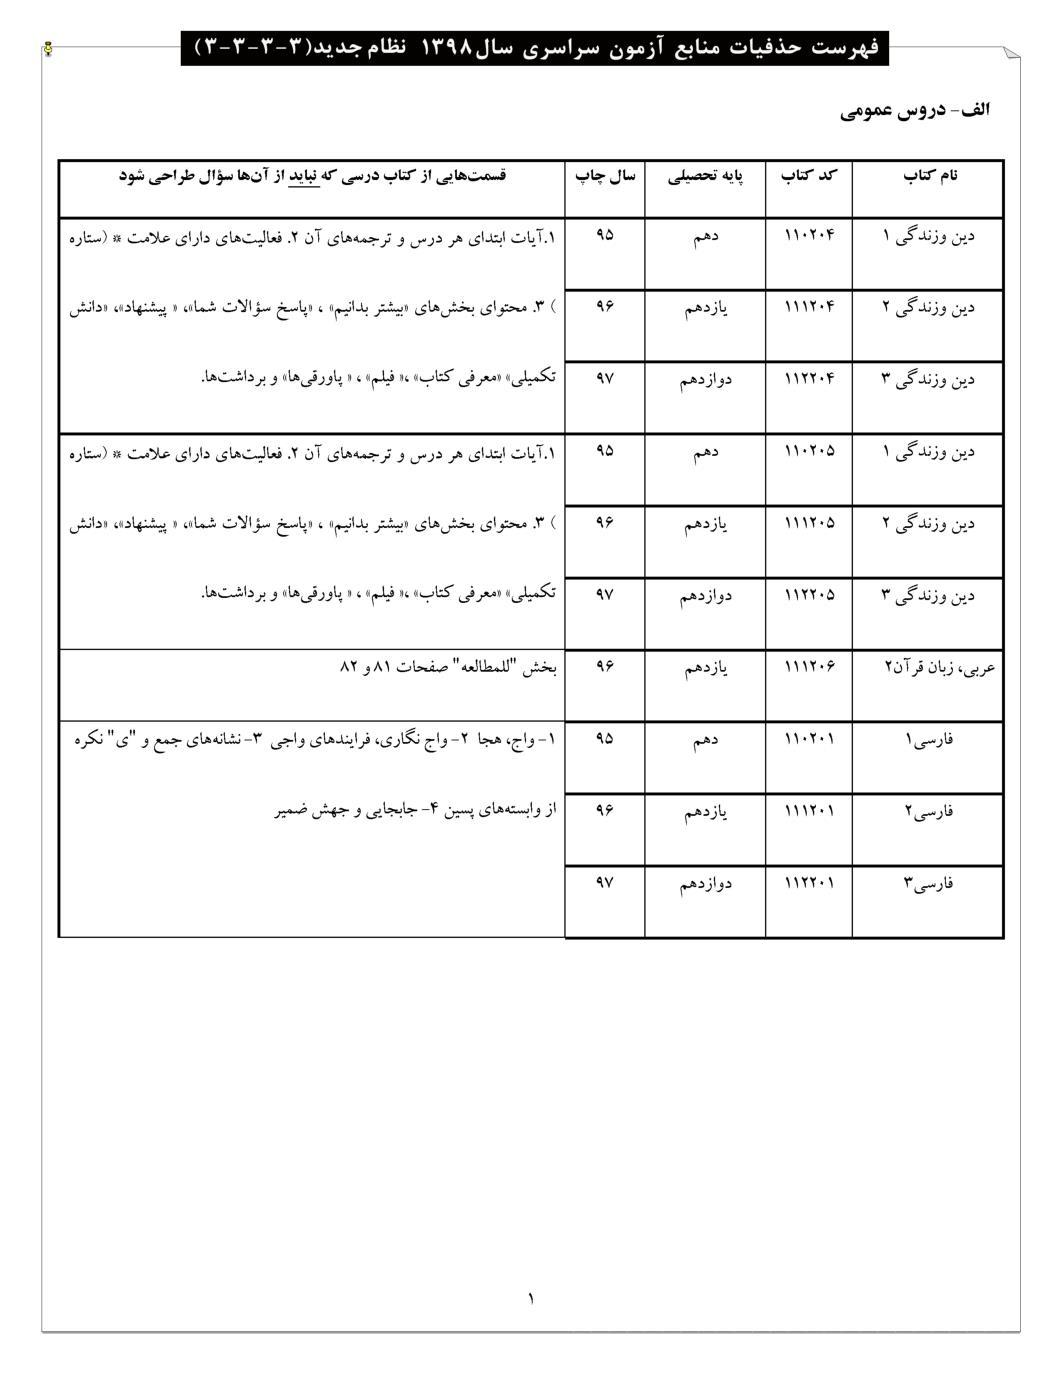 فهرست حذفیات منابع آزمون سراسری سال 98 - نطام جدید (PDF)